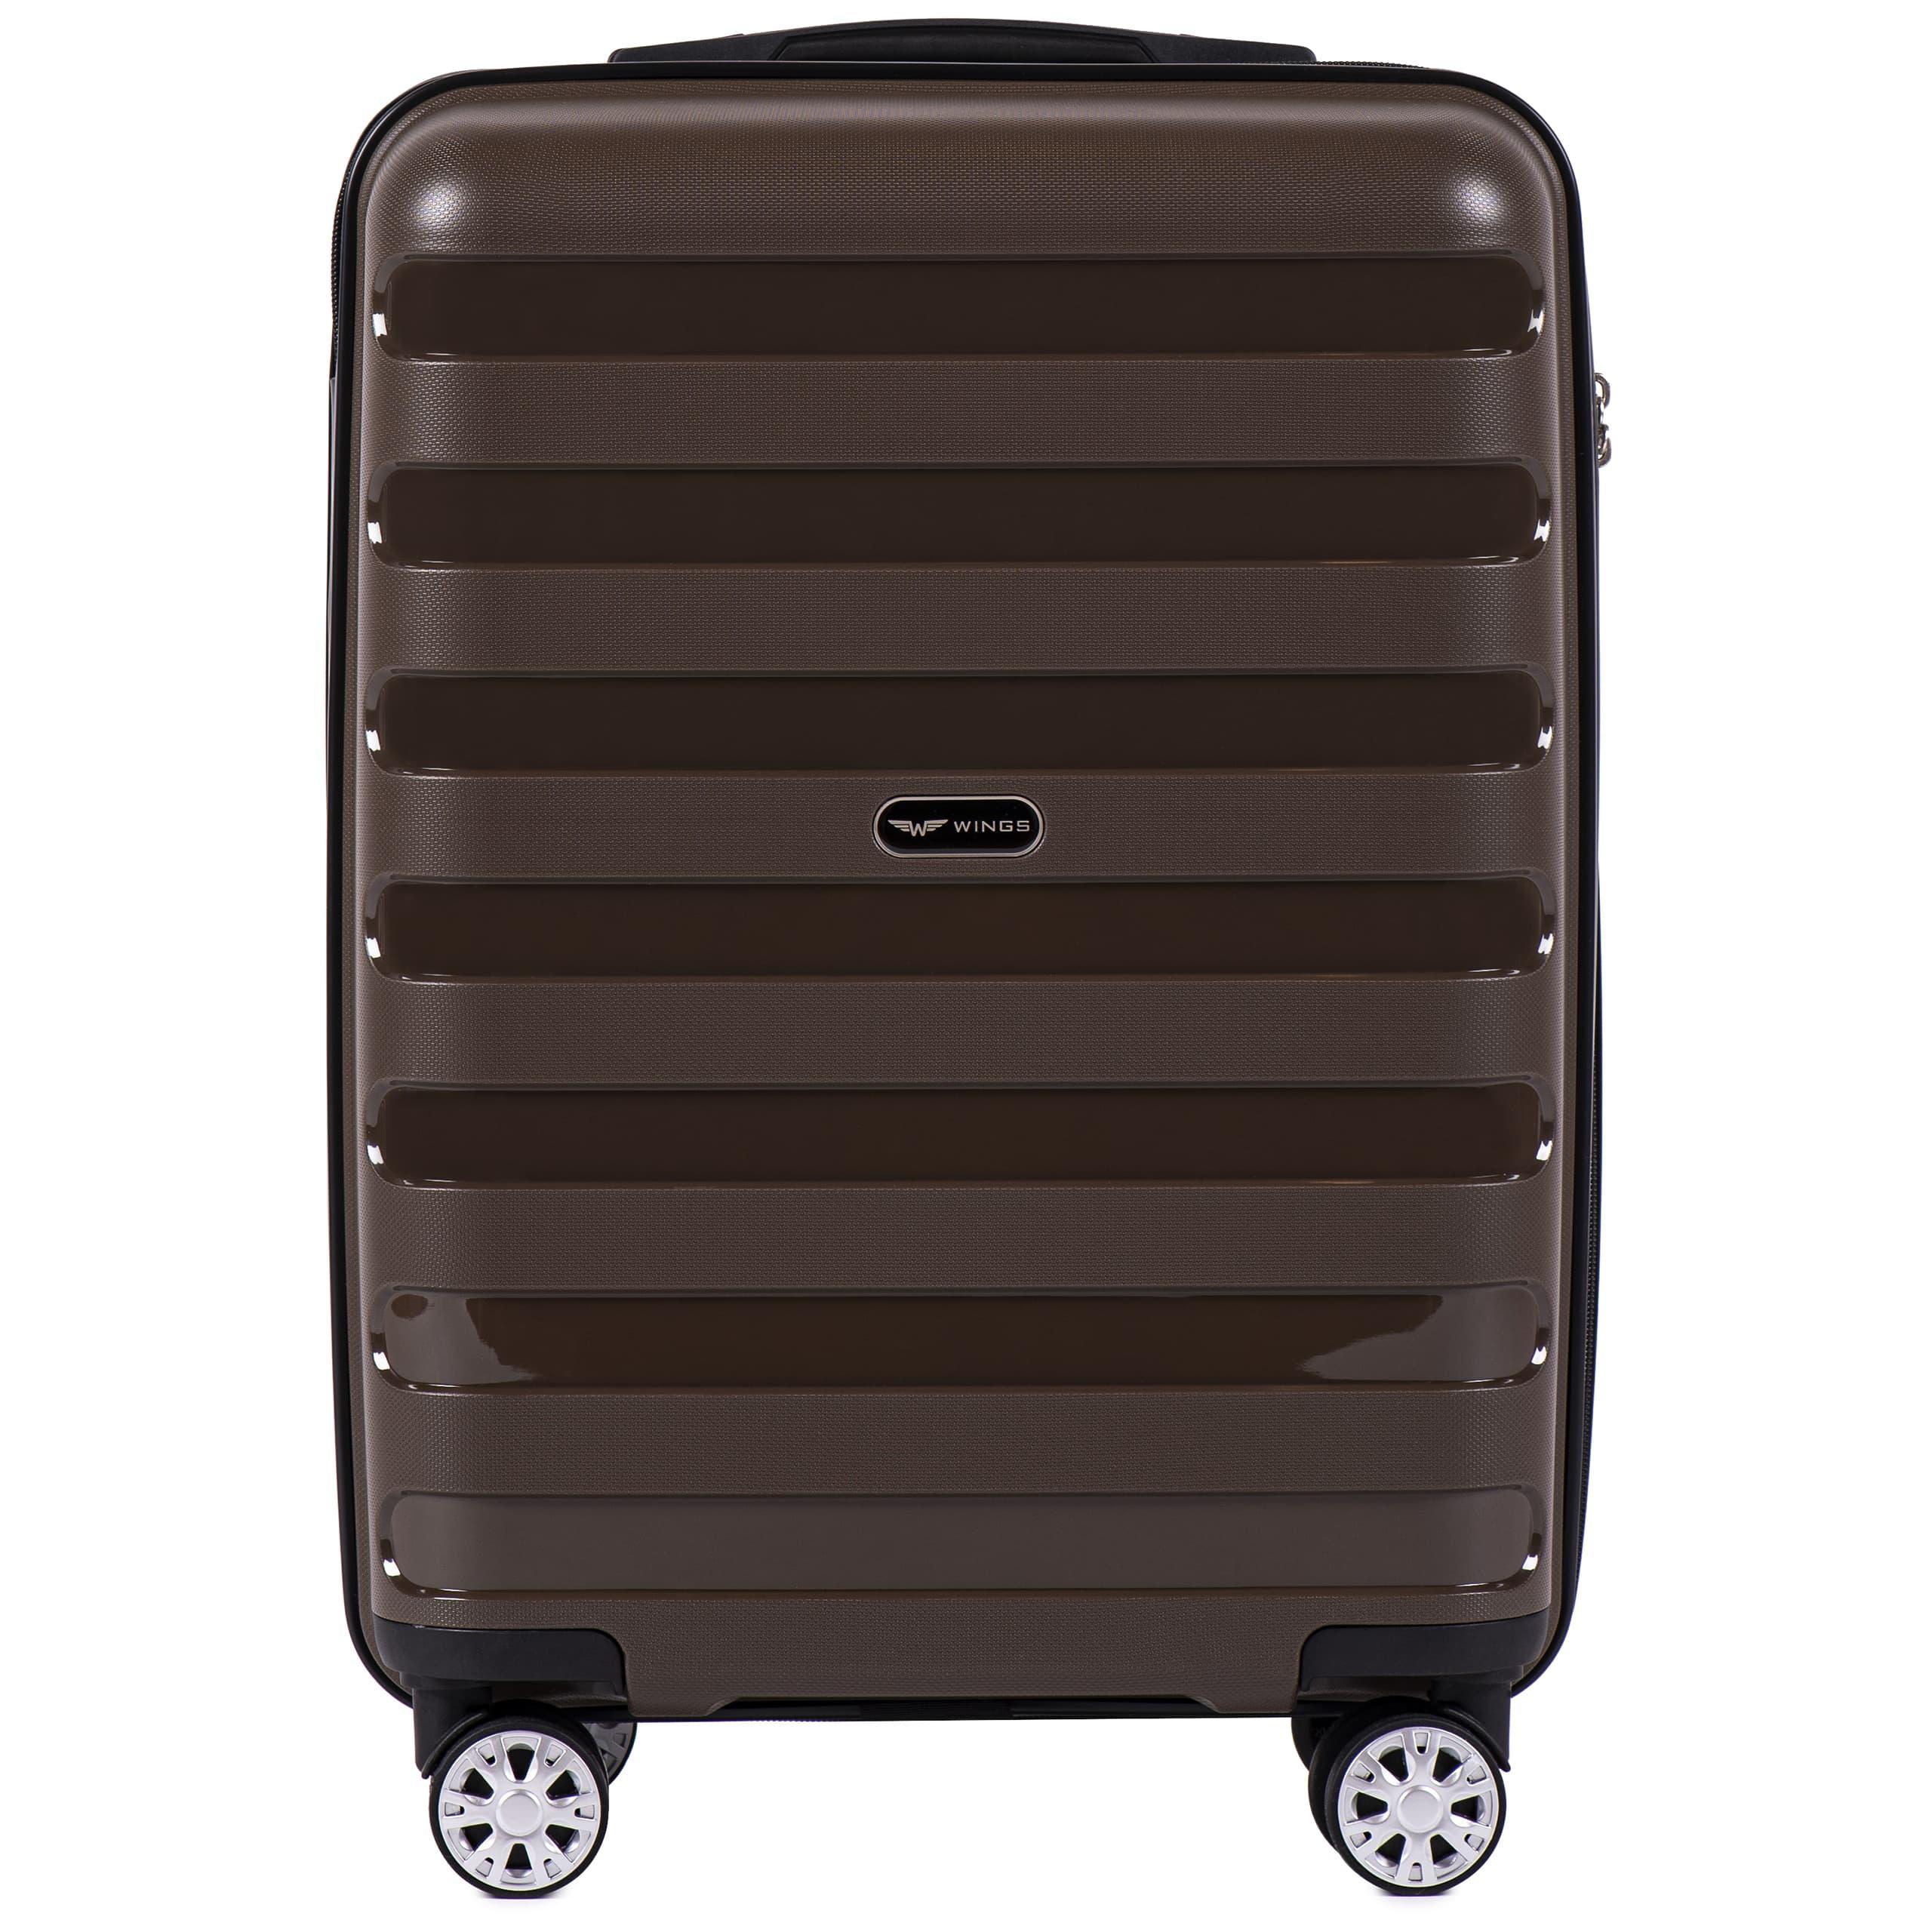 Маленький чемодан для ручной клади WINGS Prime S PP-07 Cooper! ДЛЯ 7-10 кг!